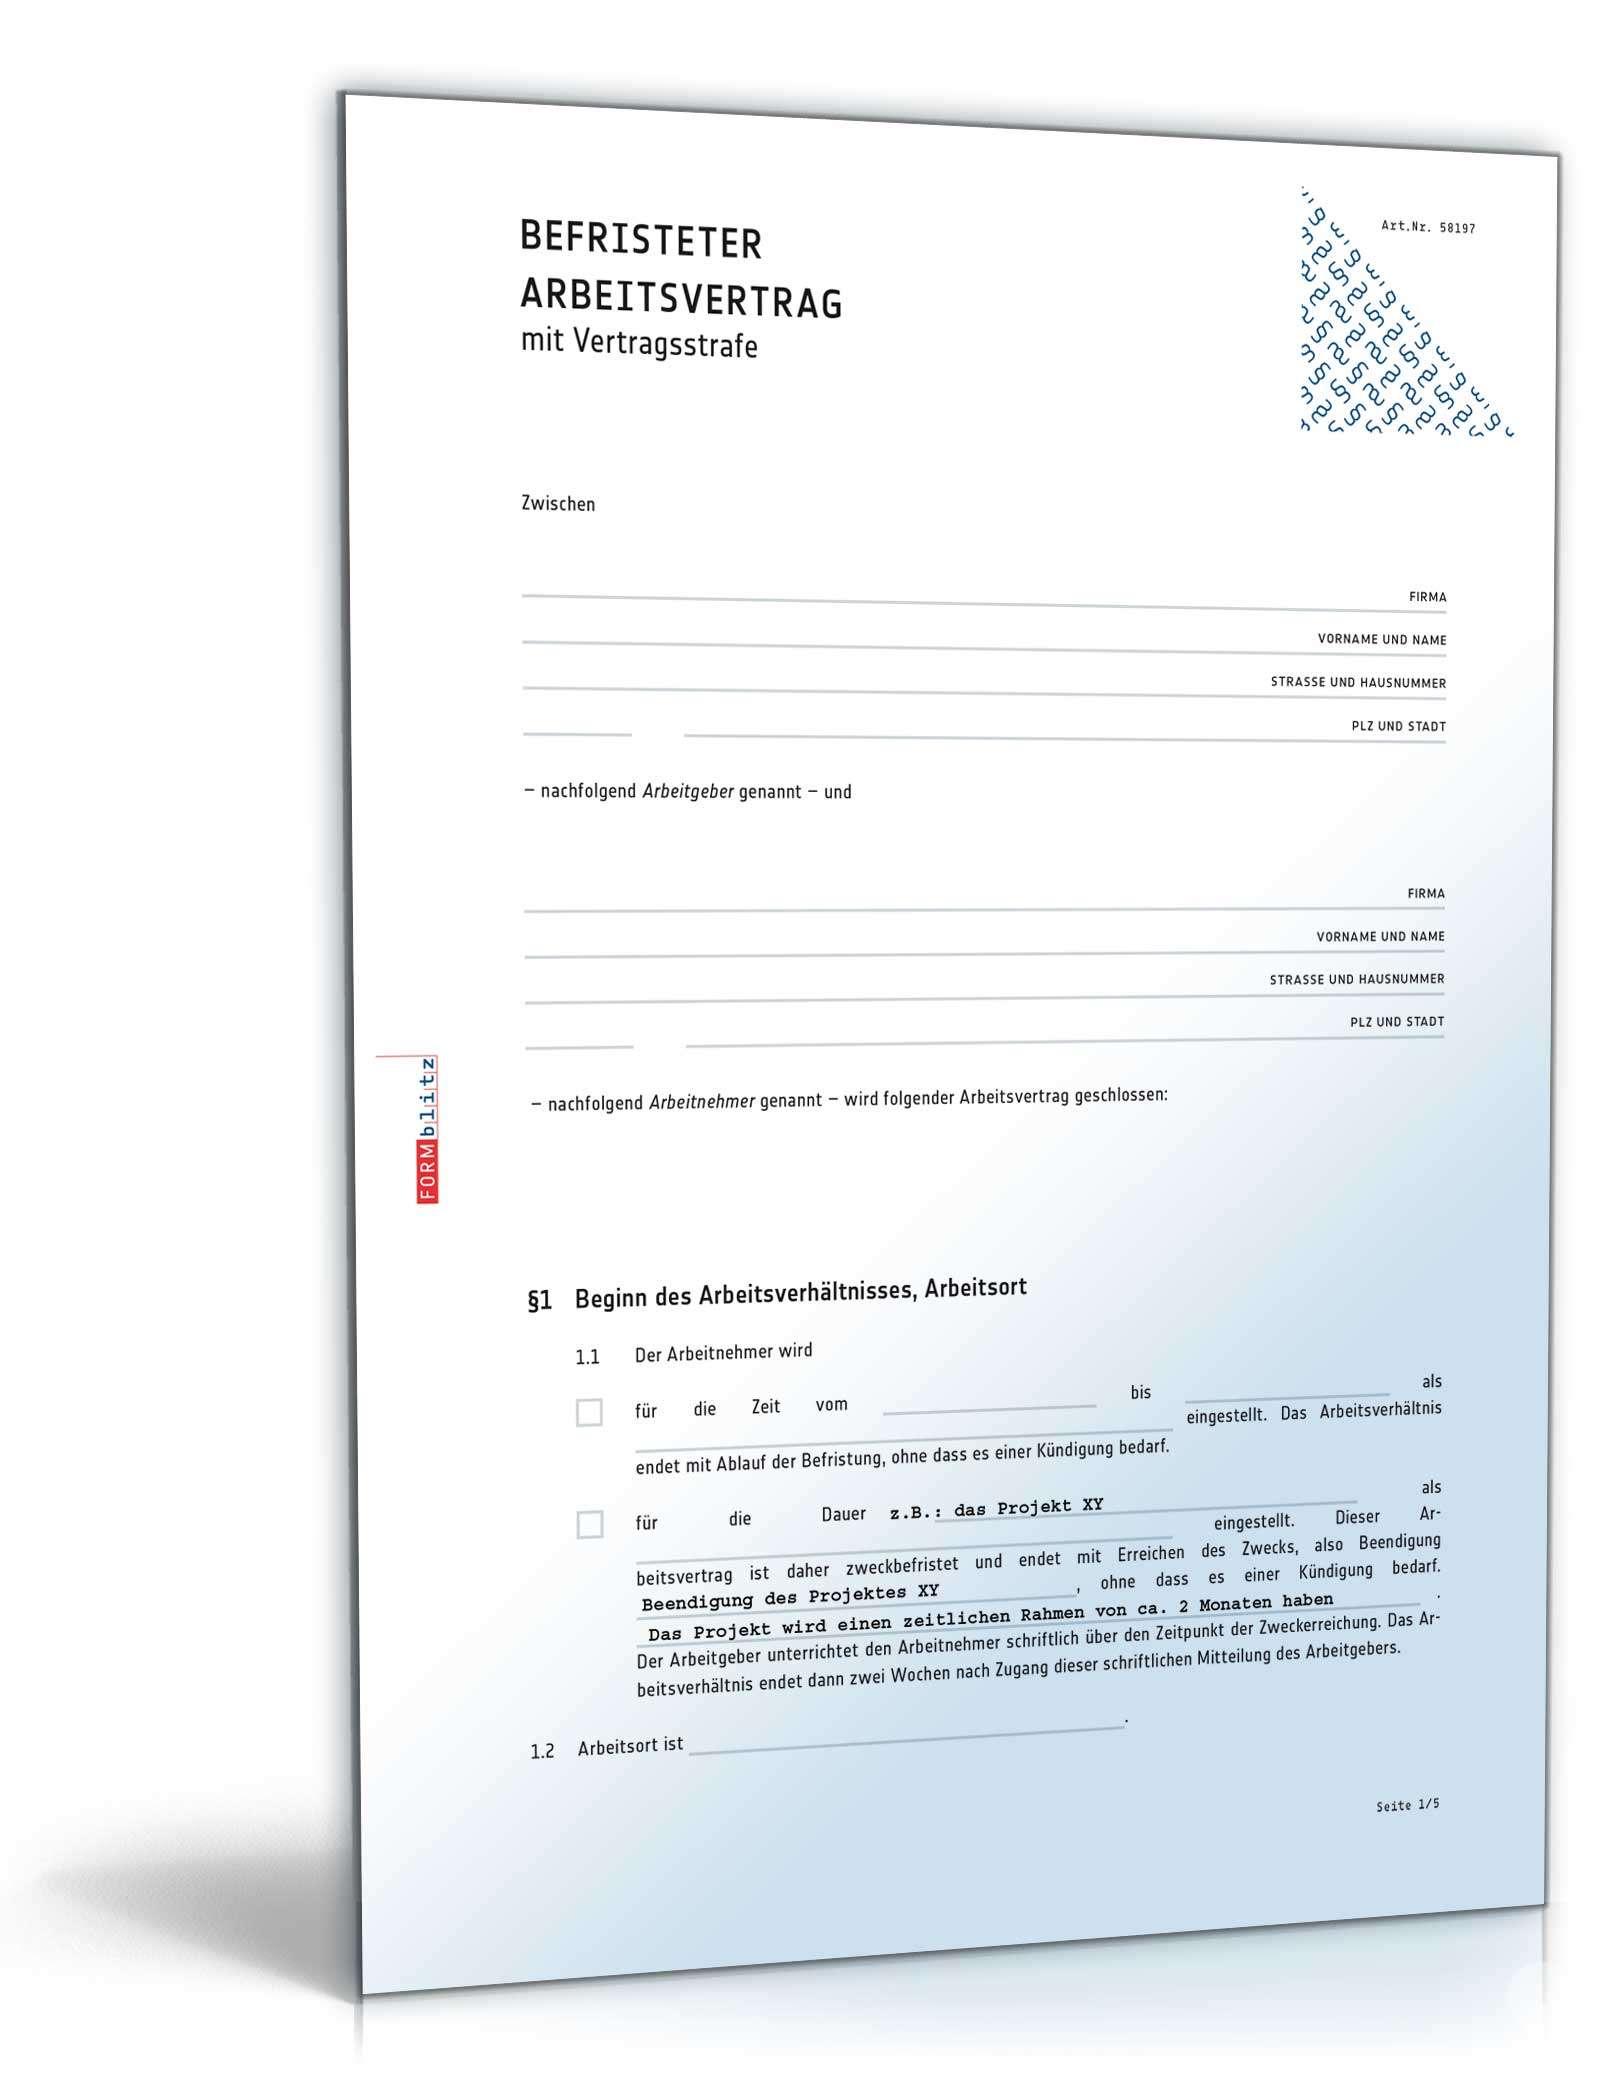 Befristeter Arbeitsvertrag Mit Vertragsstrafe Muster Zum Download